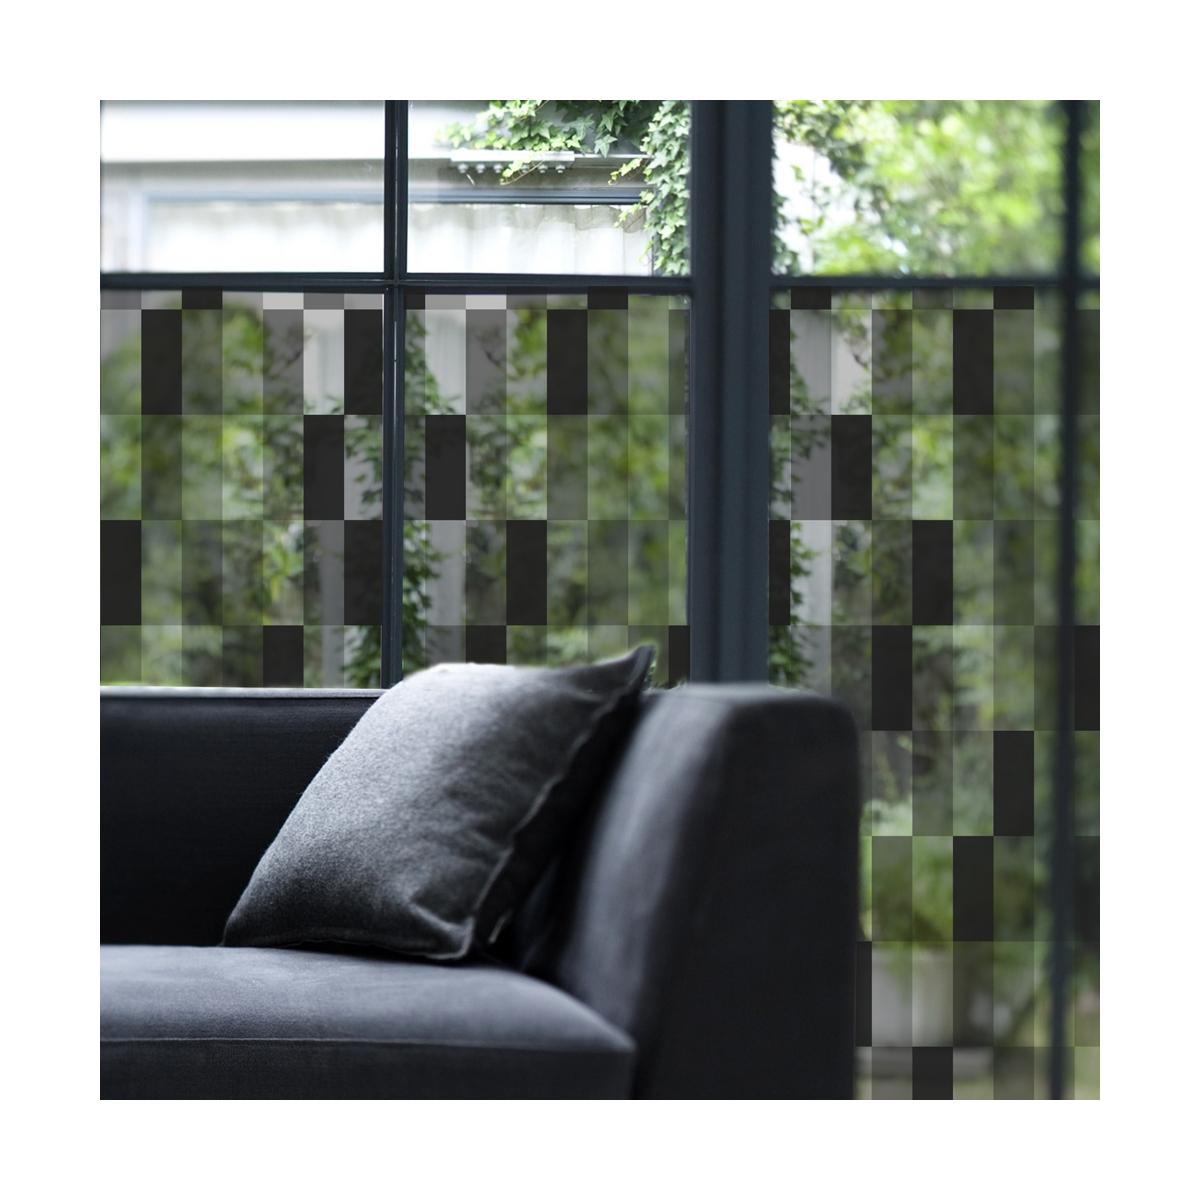 vitrail noir film decoratif pour vitres